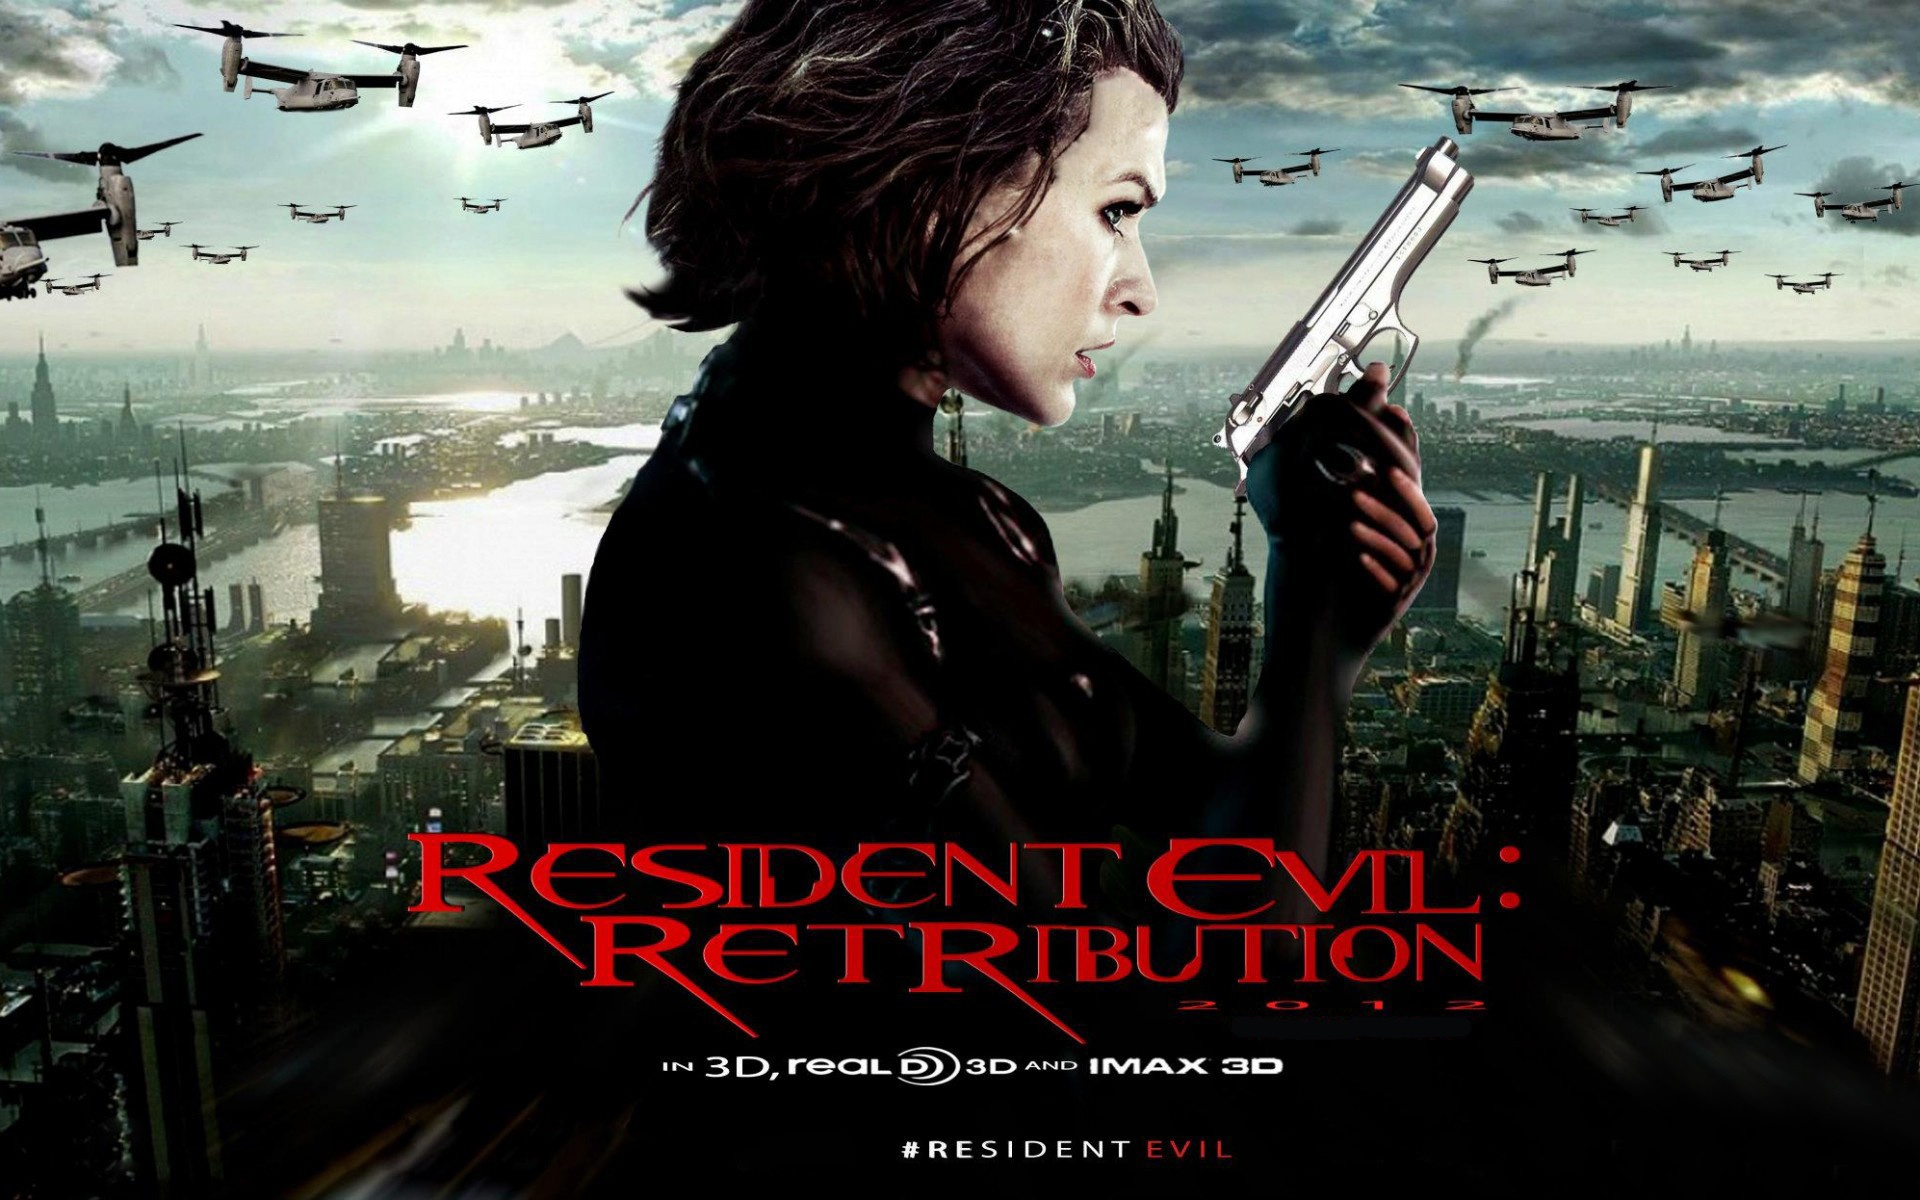 filme resident evil 5 retribution dublado gratis